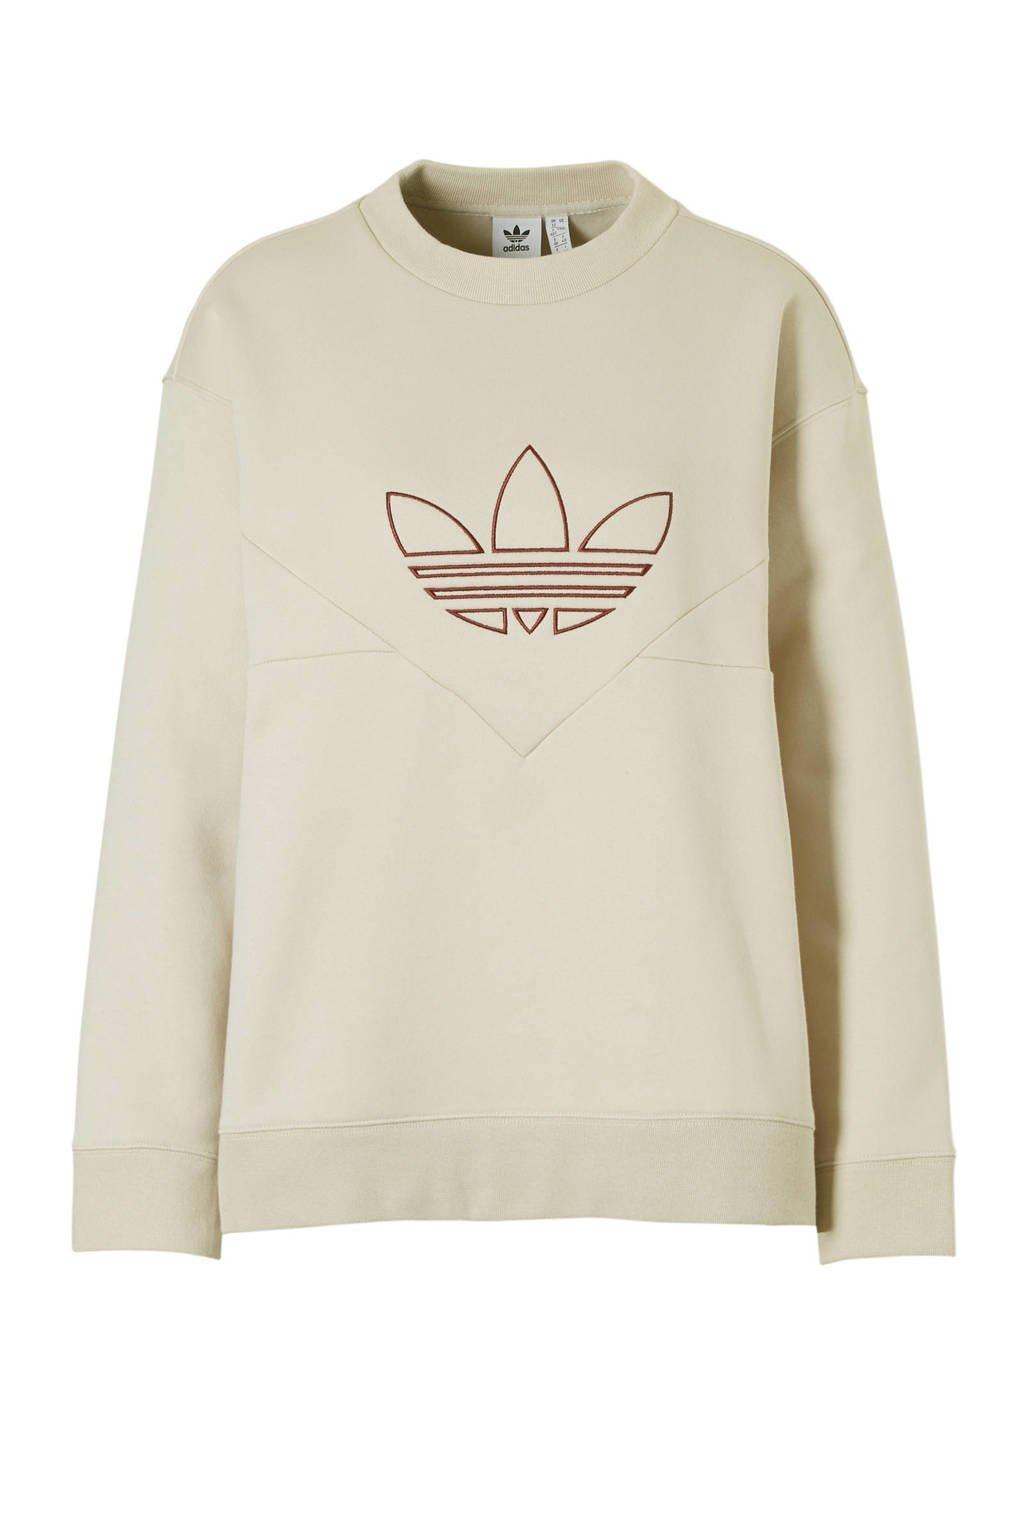 adidas originals sweater beige, Beige